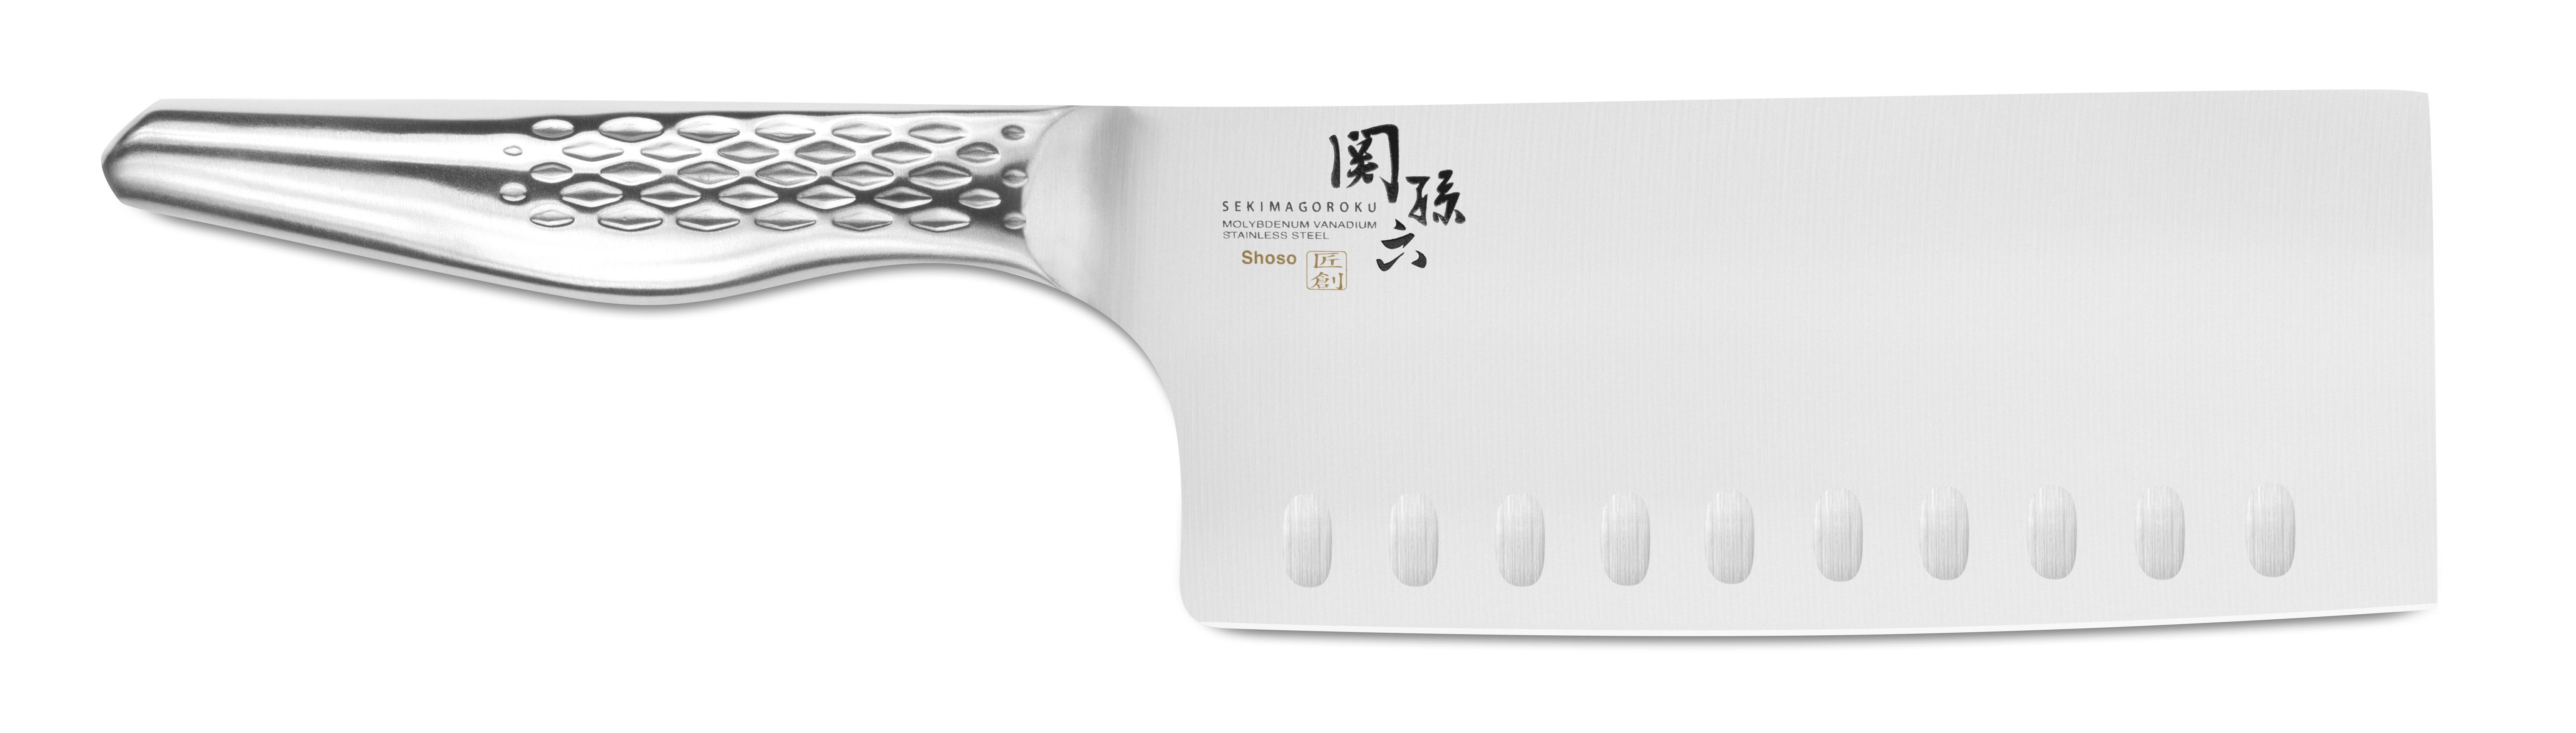 KAI SEKI MAGOROKU Shoso AB-5165